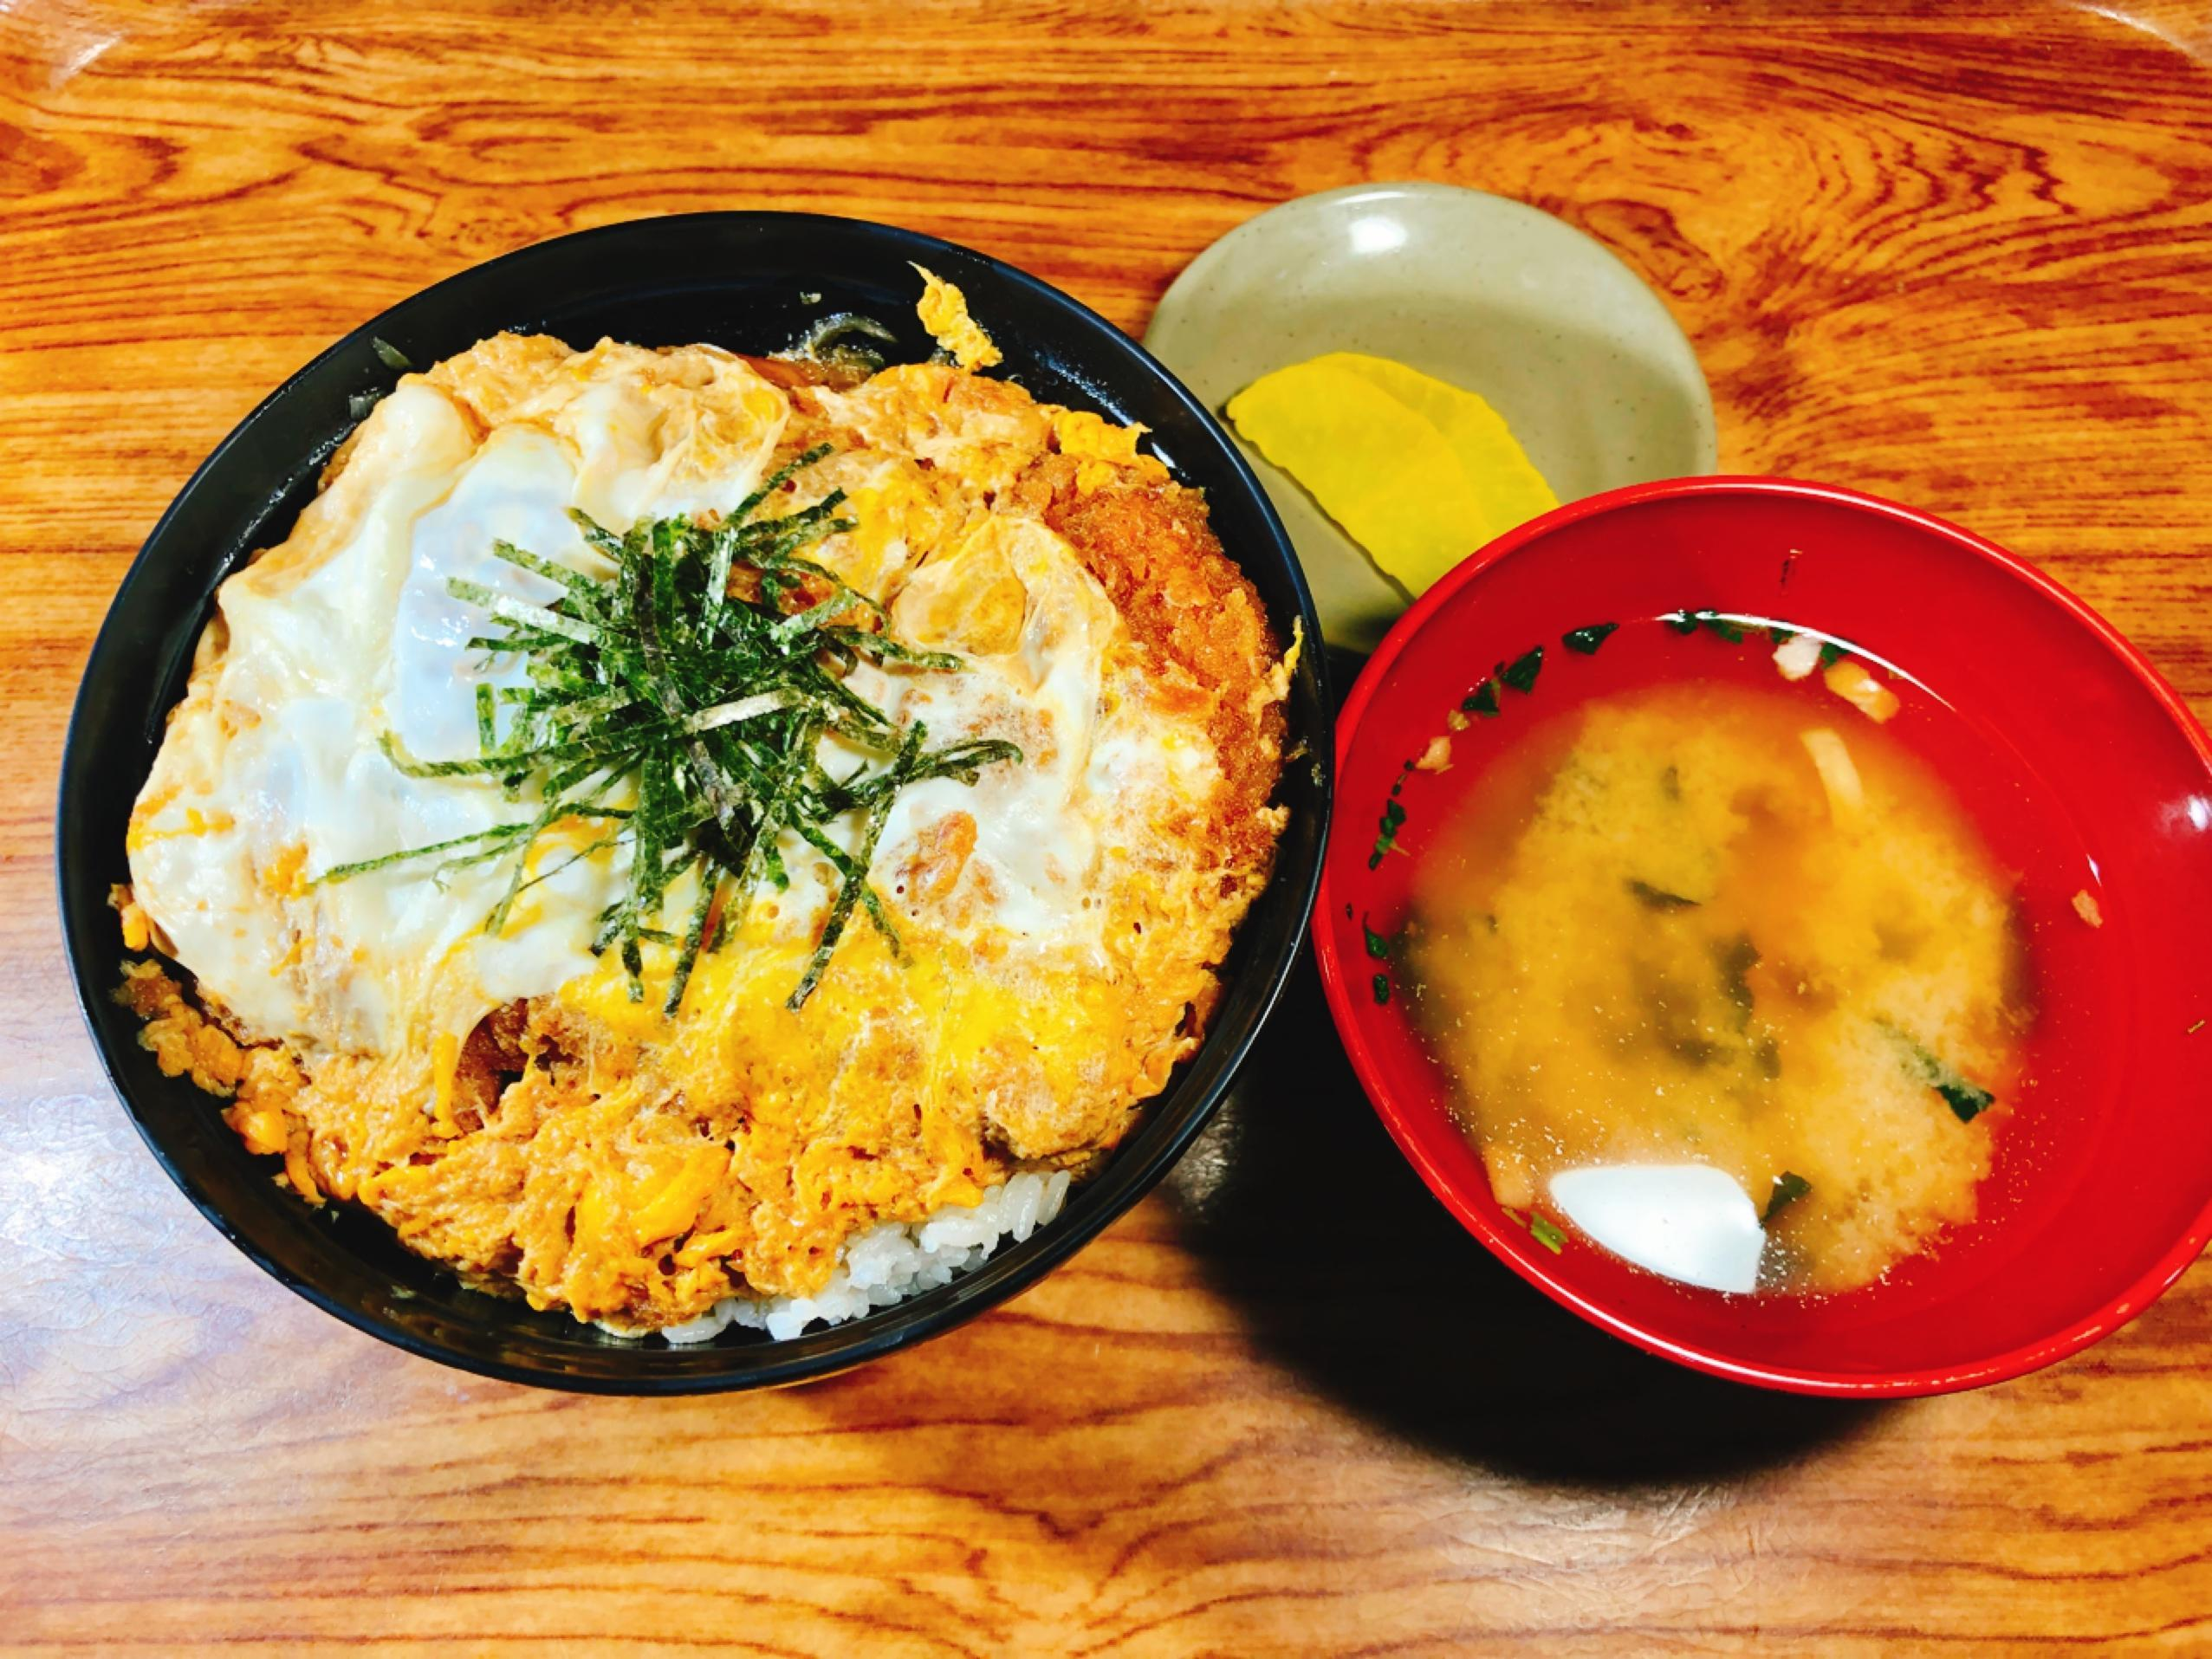 第3位「かつ丼」のイメージ画像